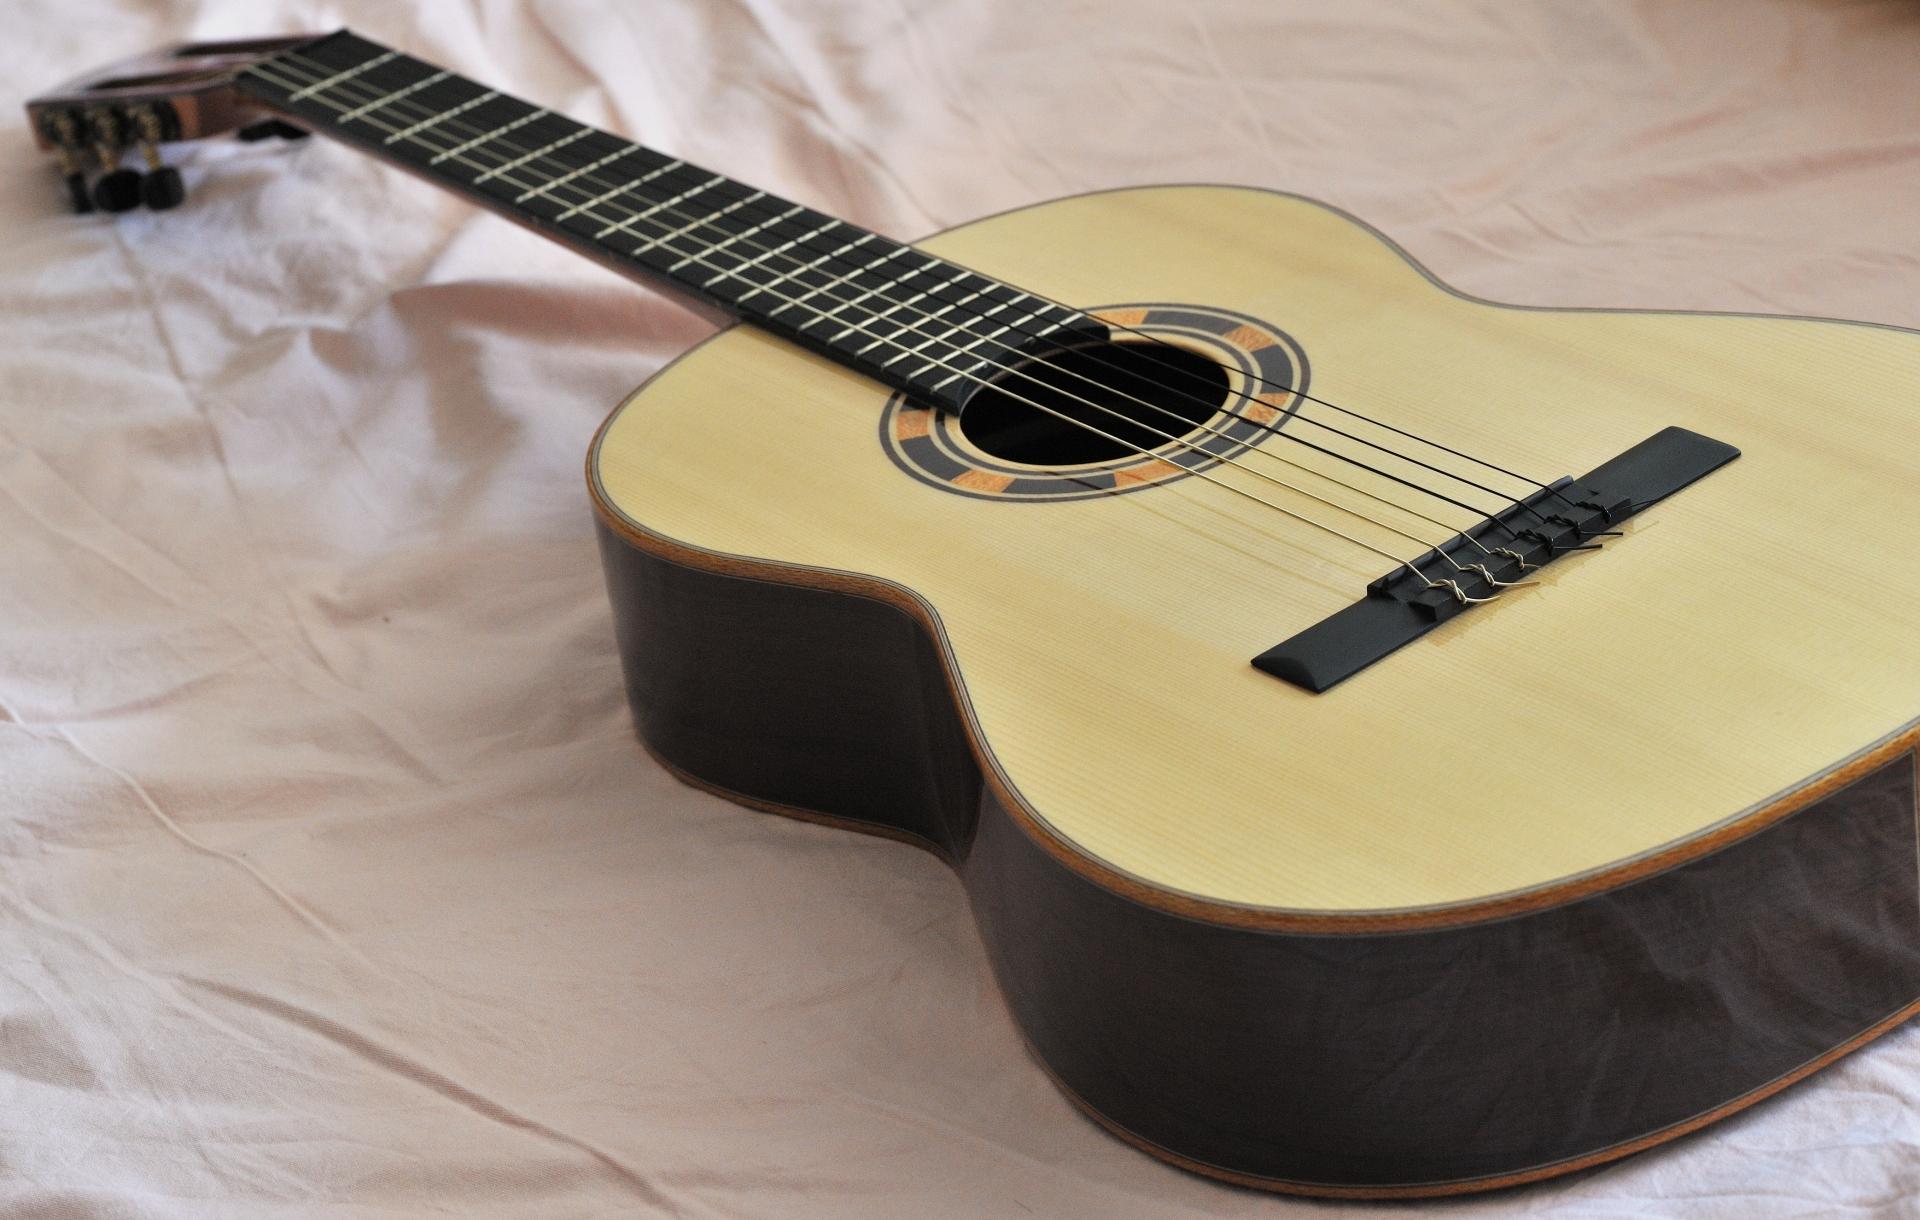 クラシックギターの写真